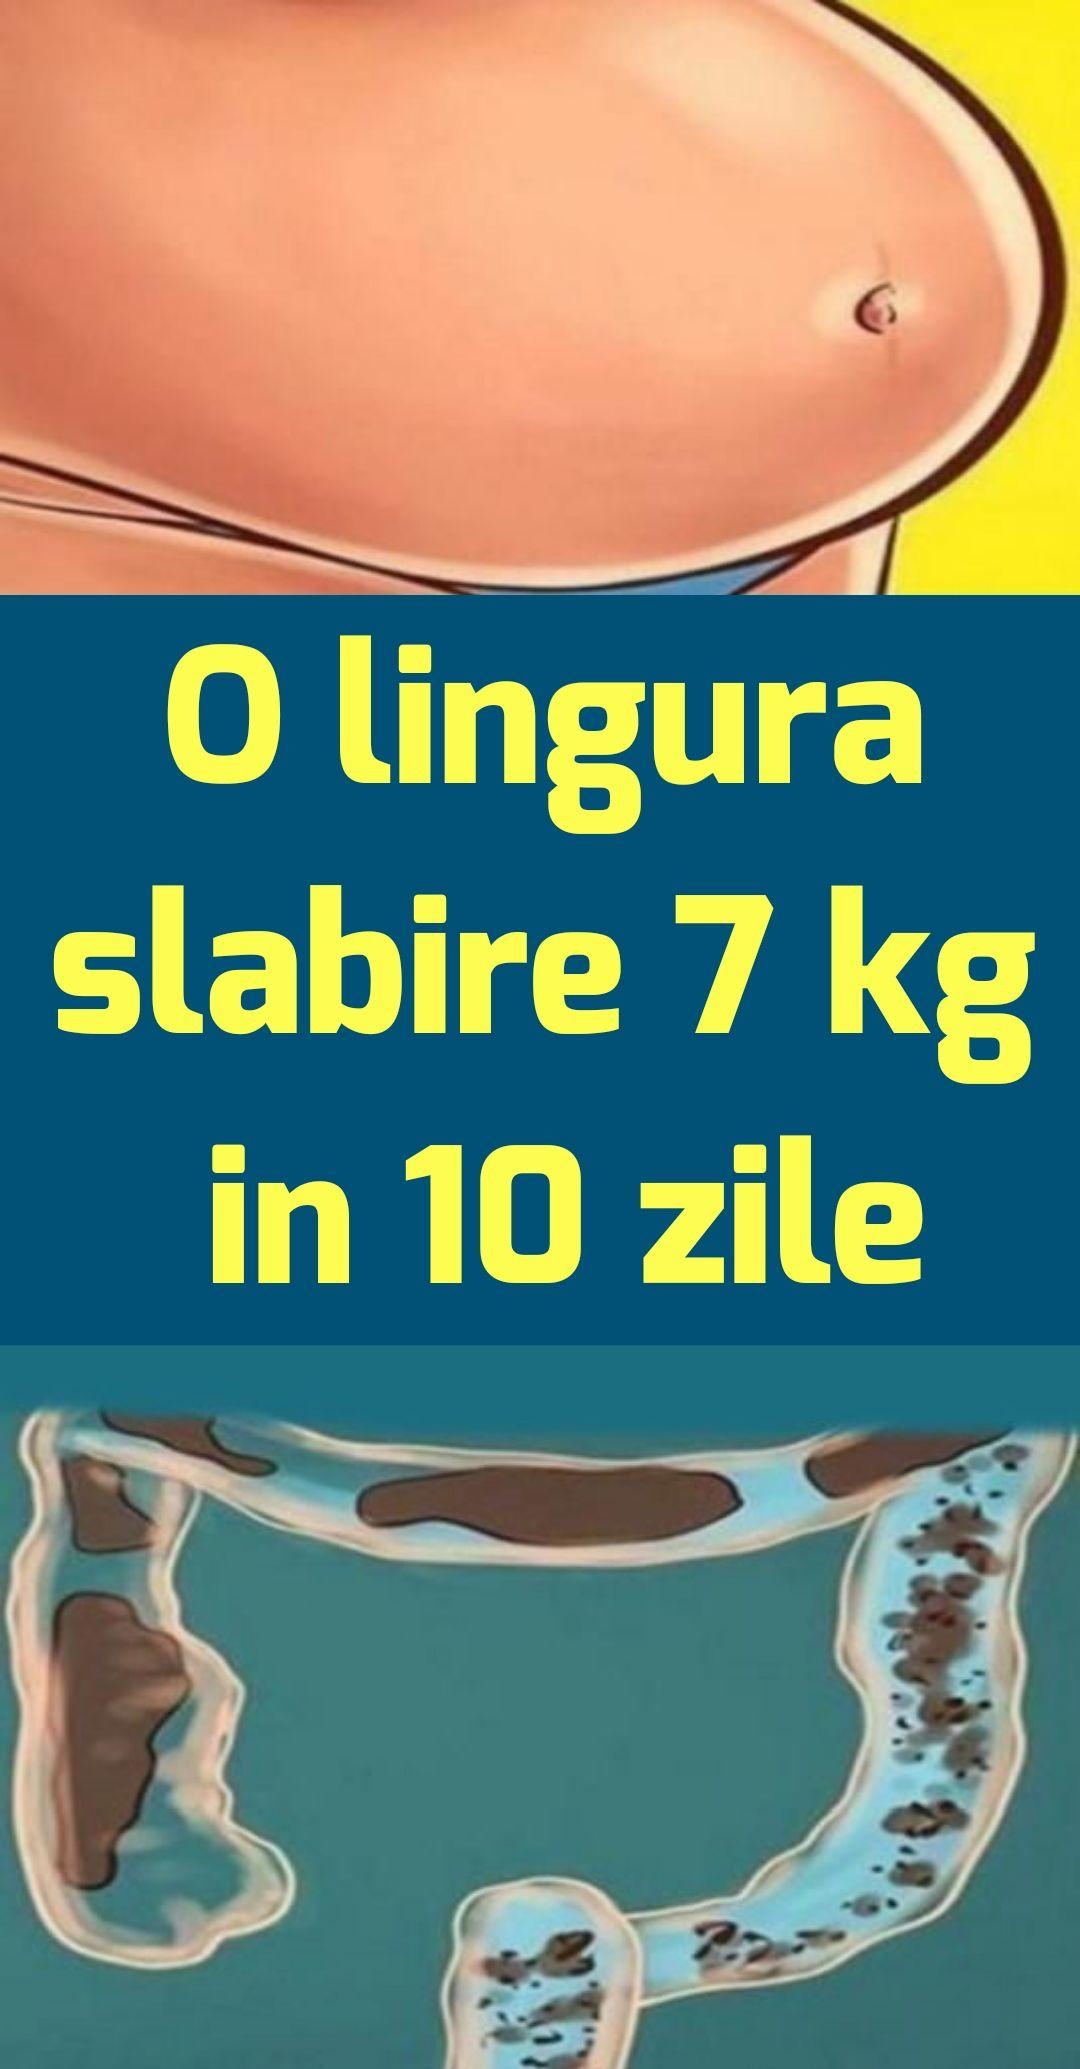 Regim de ingrasare, Ghid de pierdere în greutate nhs